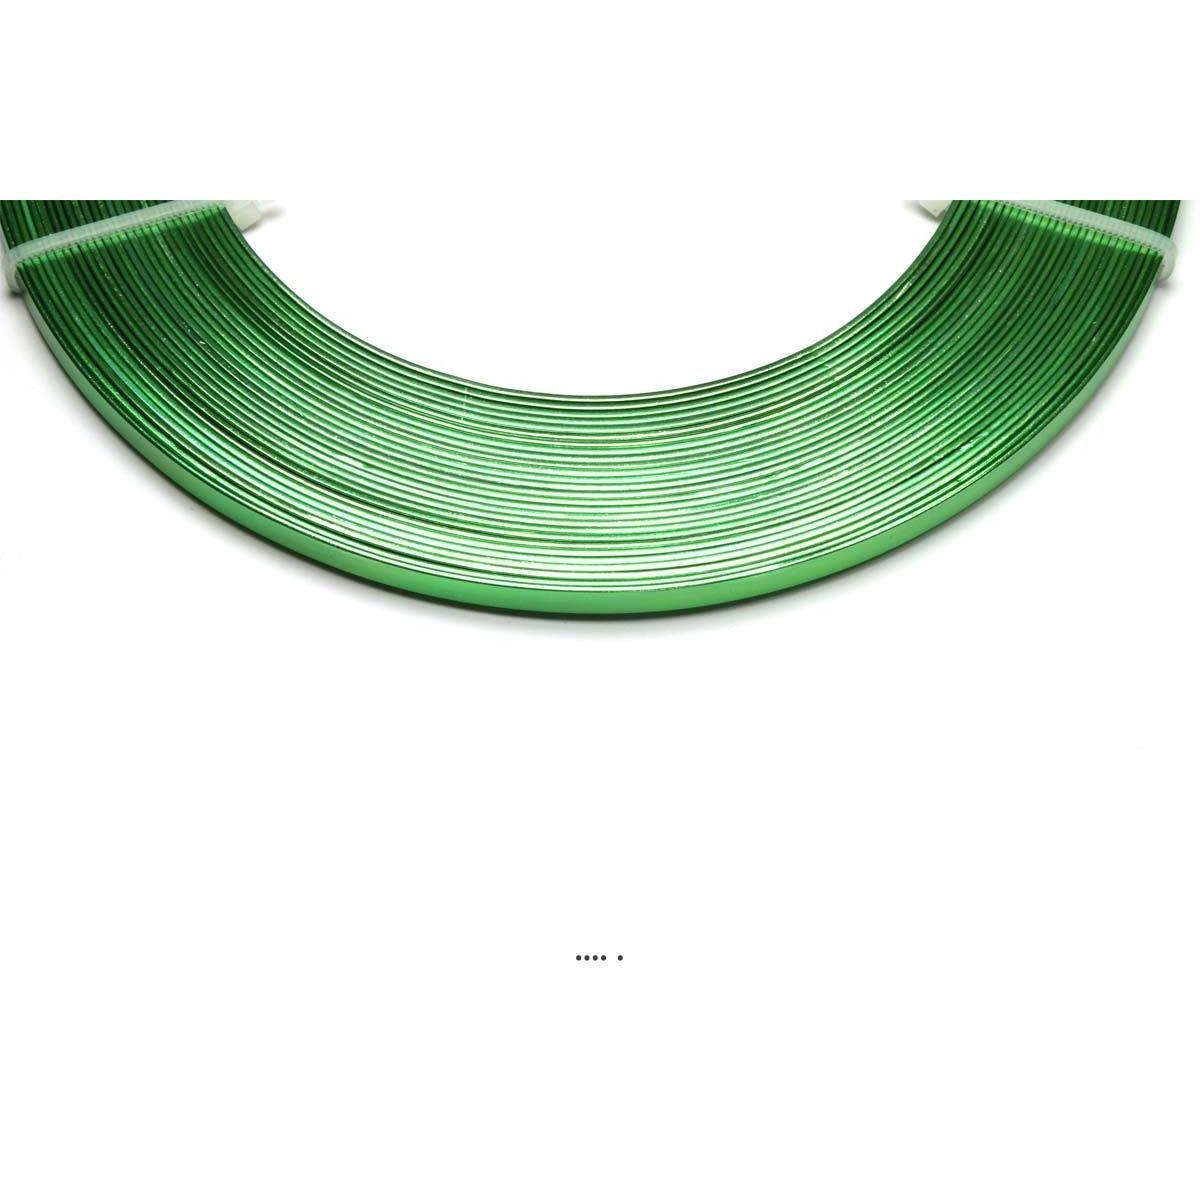 Fil aluminium Plat Vert pomme souple lg 5 mm L 10 metres decoration - choisissez votre coloris: Vert Pomme